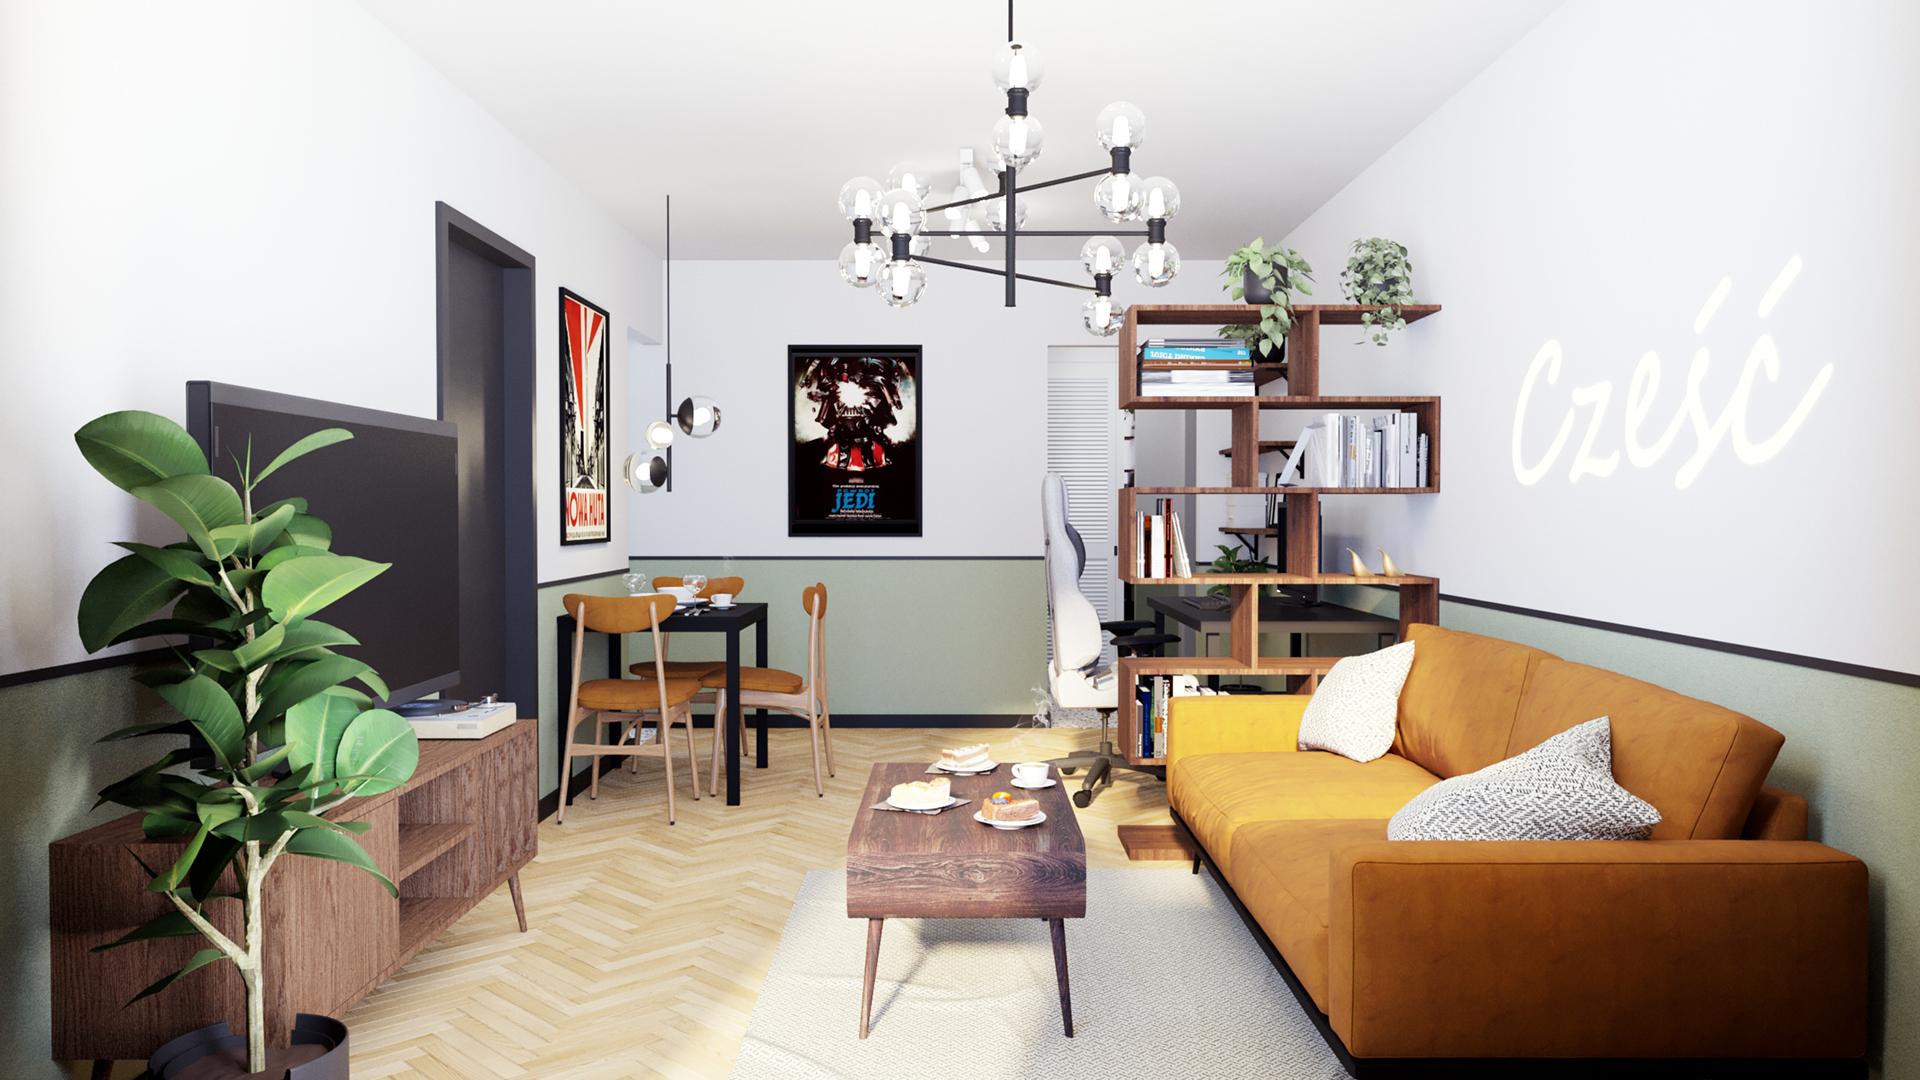 Projekt wnętrz mieszkania w budynku wielorodzinnym w Krakowie w stylu mid-century modern. M2 Architektura Katowice - Pracownia Projektowa Katowice